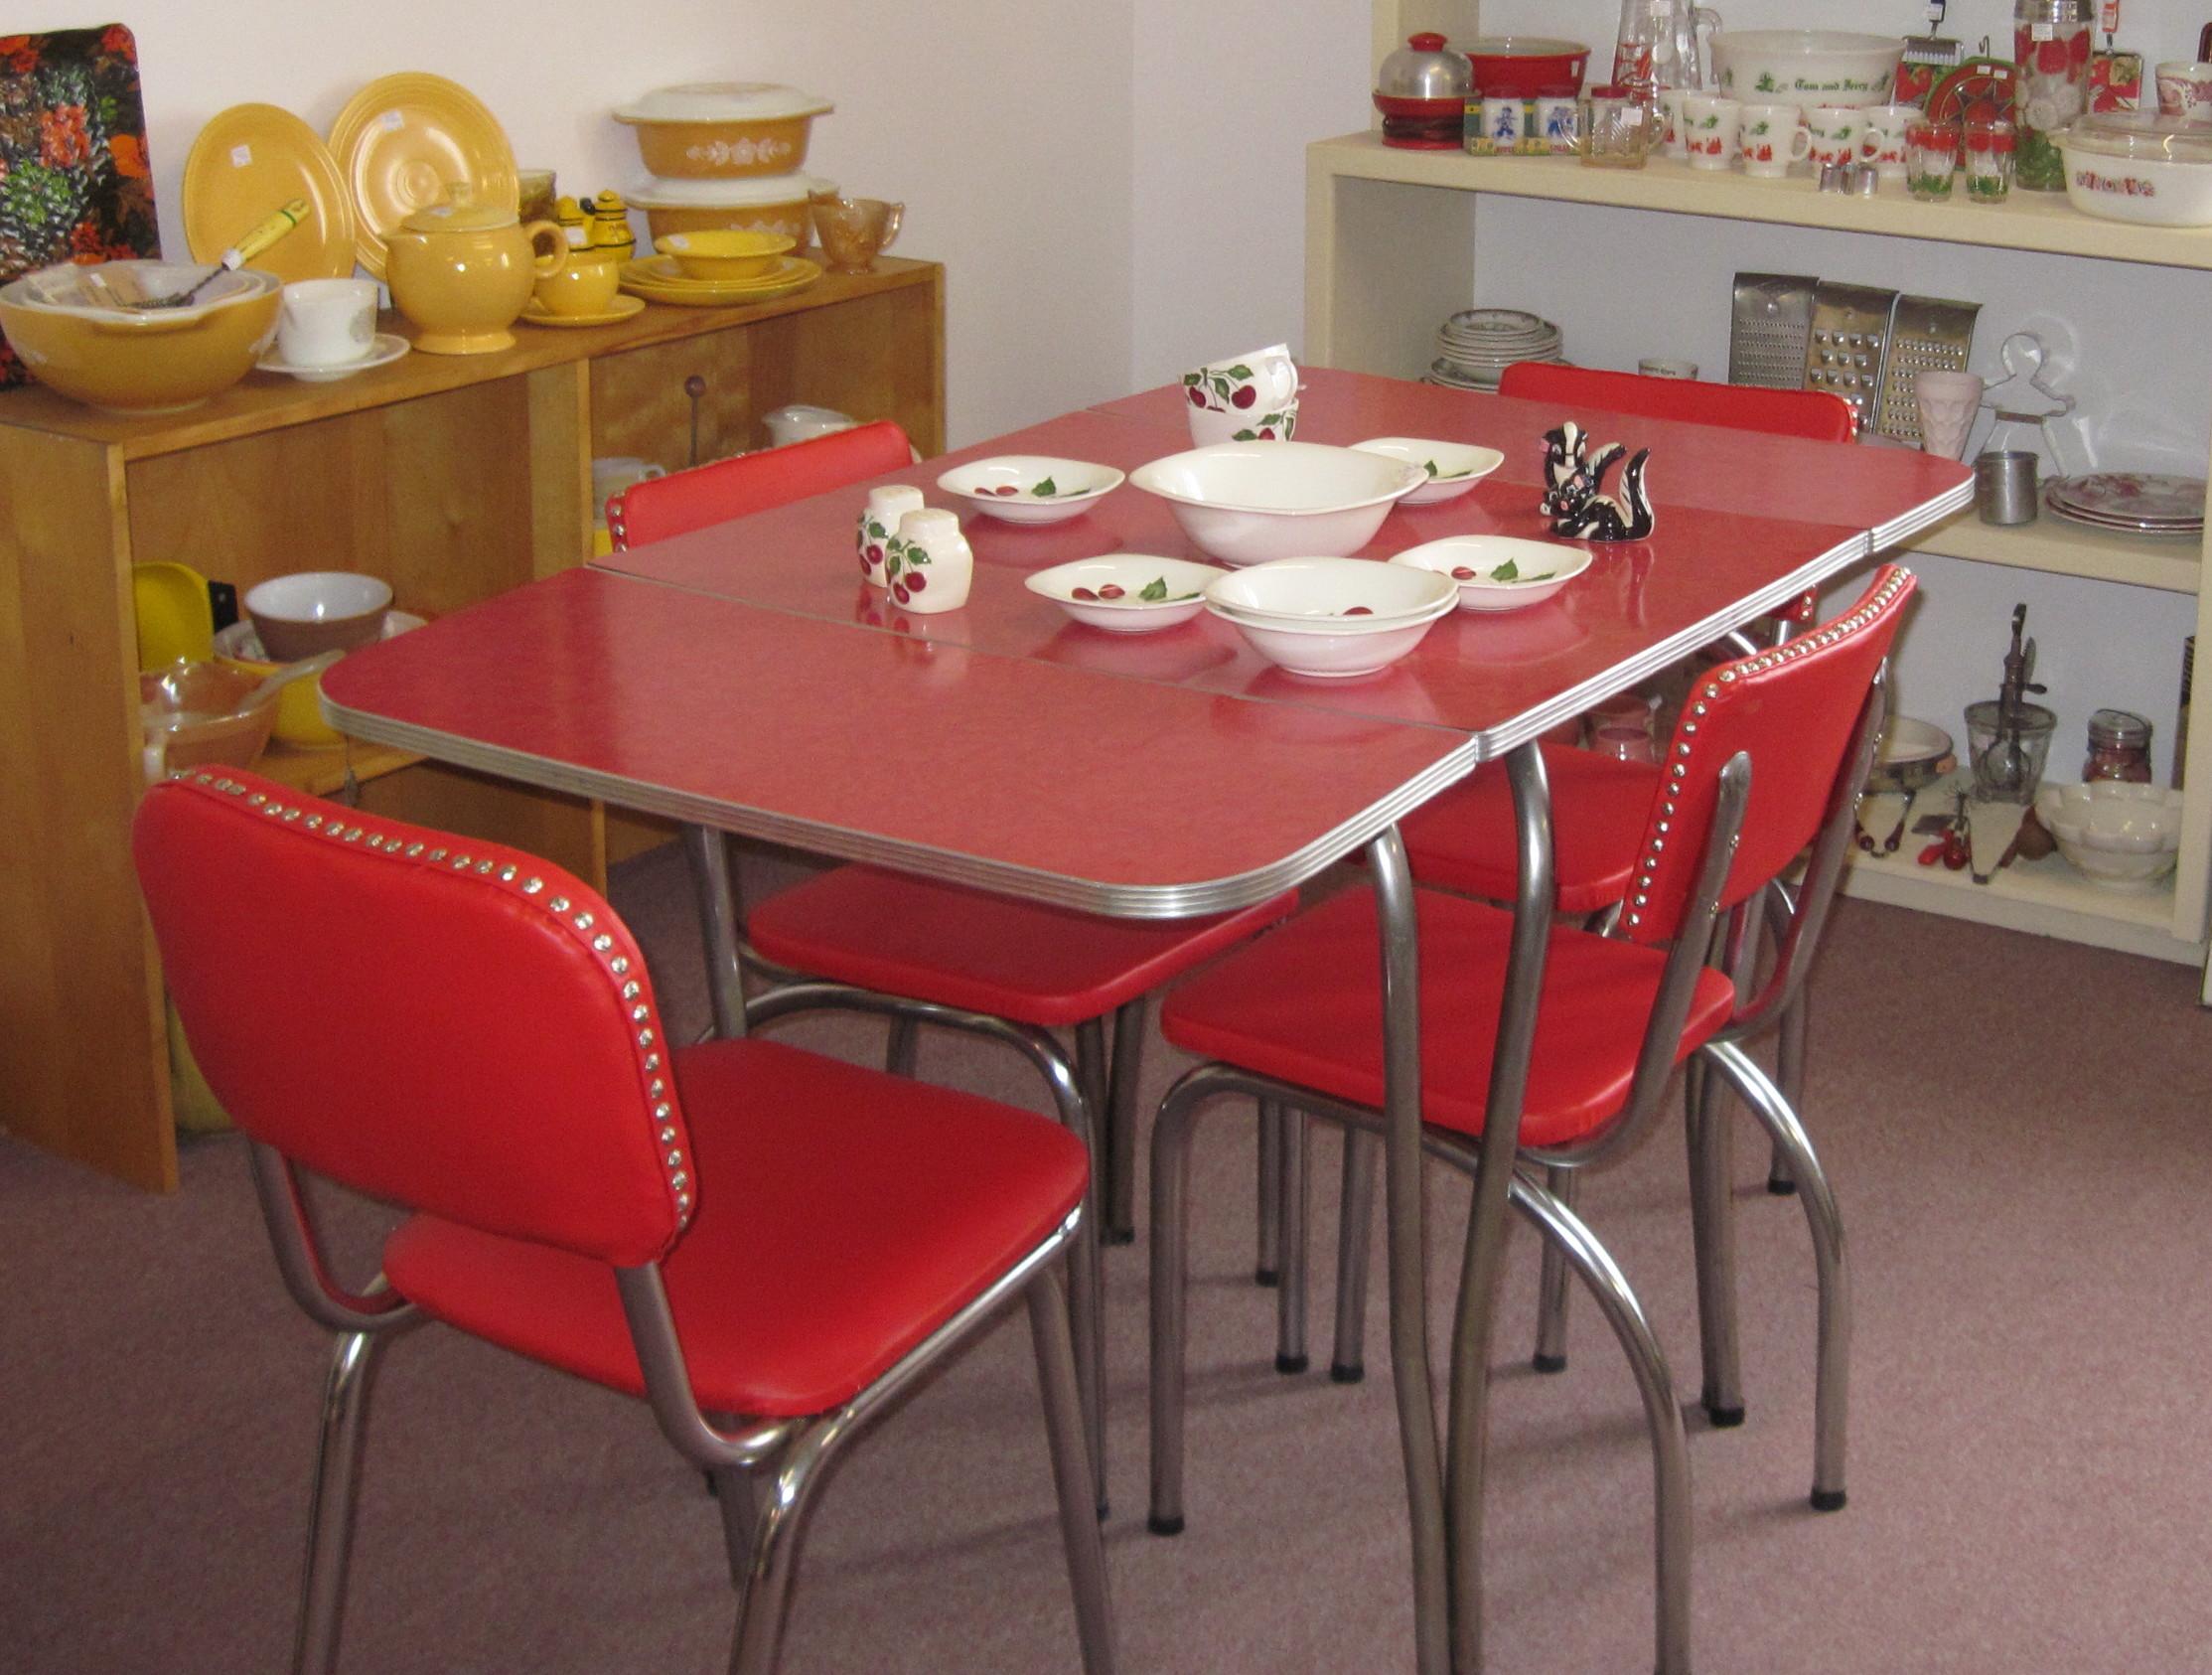 Retro Kitchen Furniture Retro Kitchen Table Chairs Set Cliff Kitchen